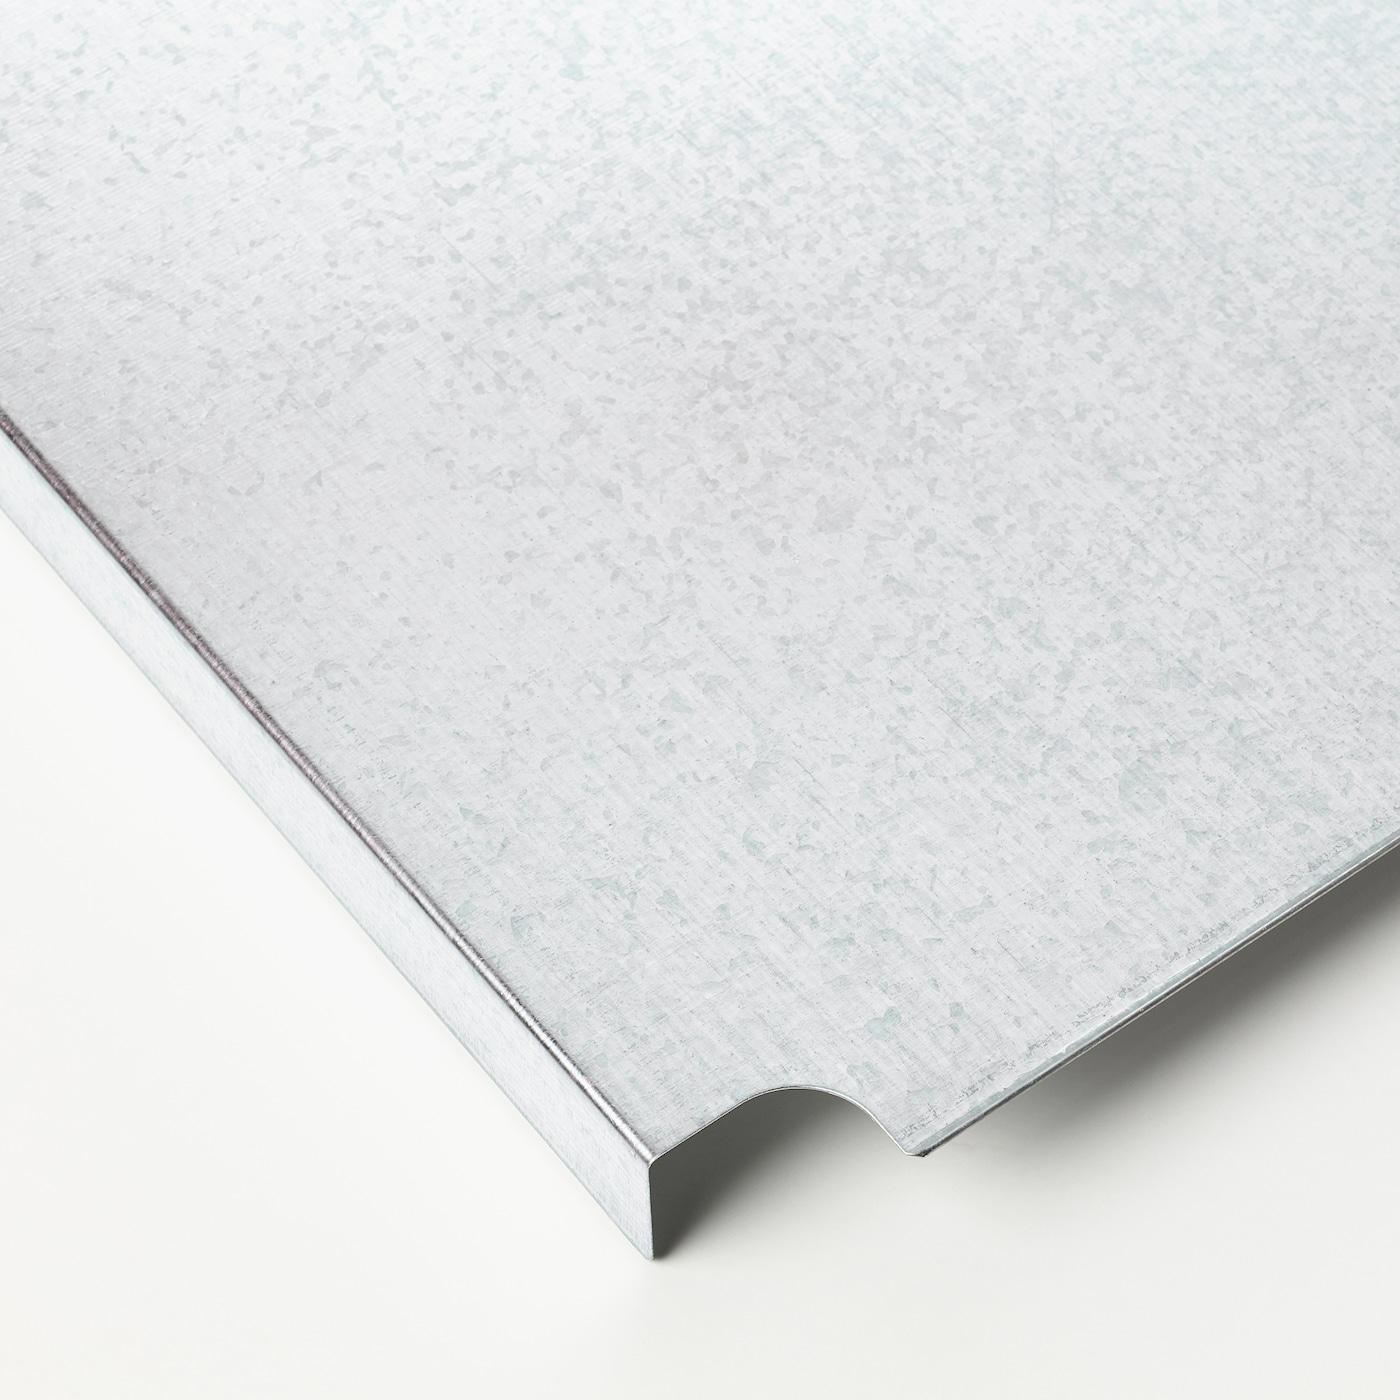 OMAR cover for shelf 92 cm